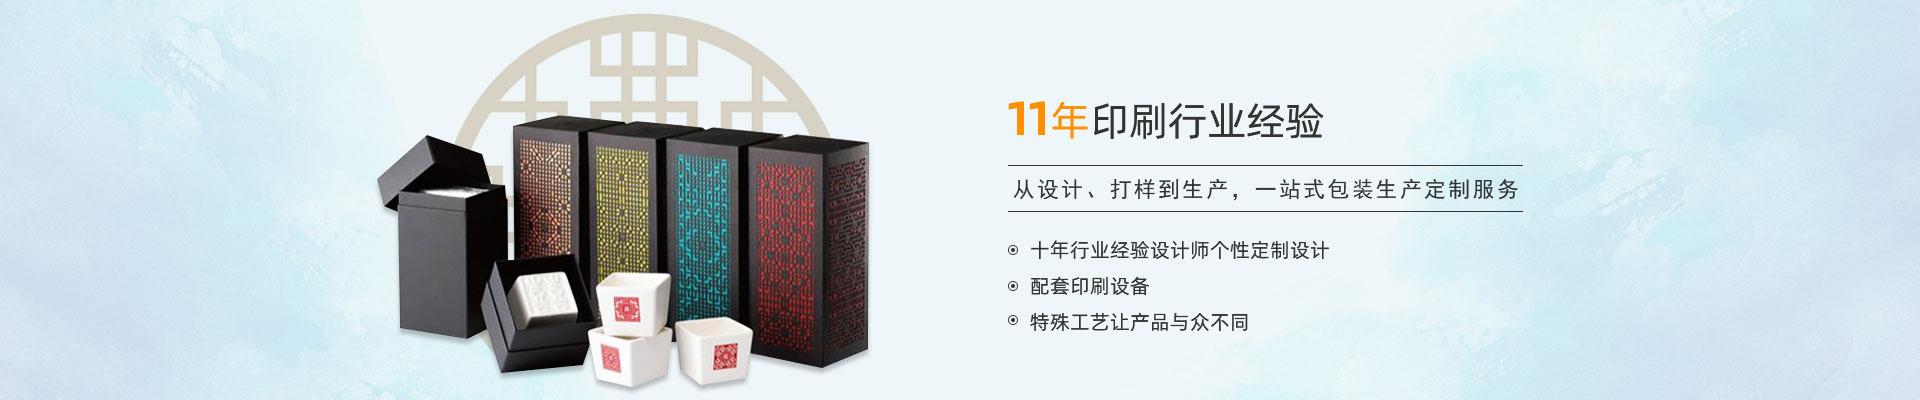 http://www.bangdayinshua.com/data/images/slide/20210526113340_988.jpg